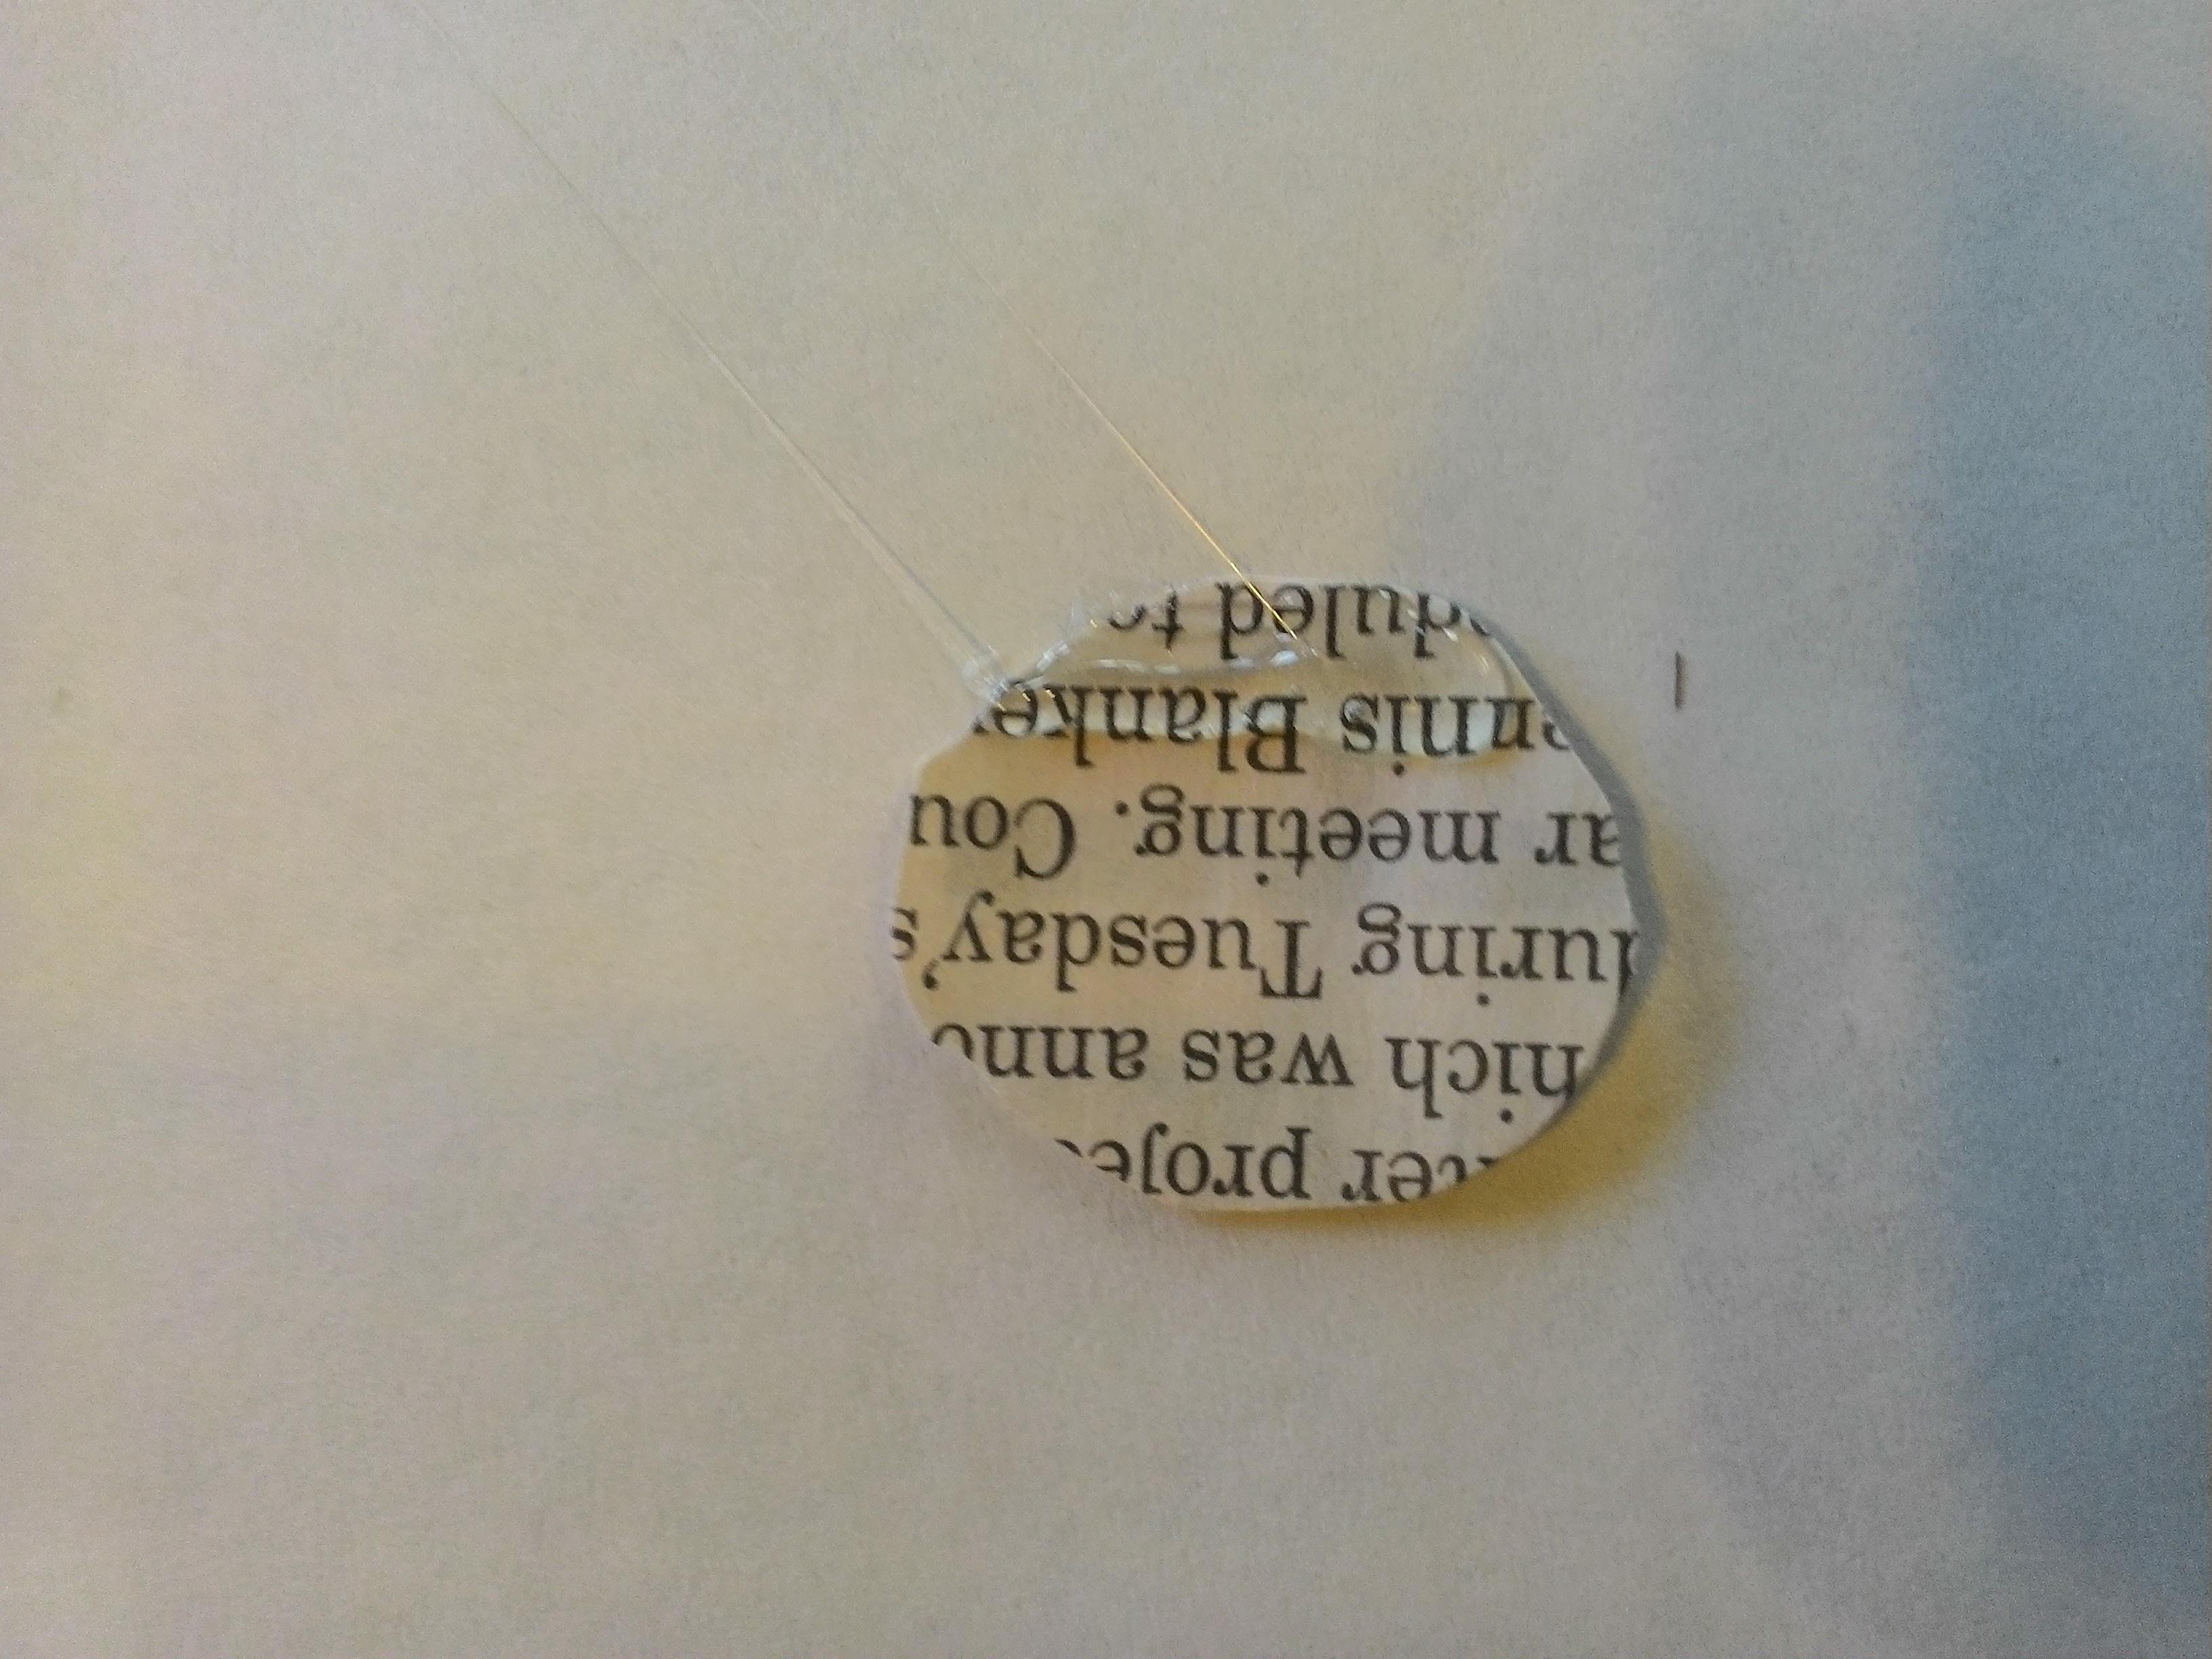 Picture of Adding Petals